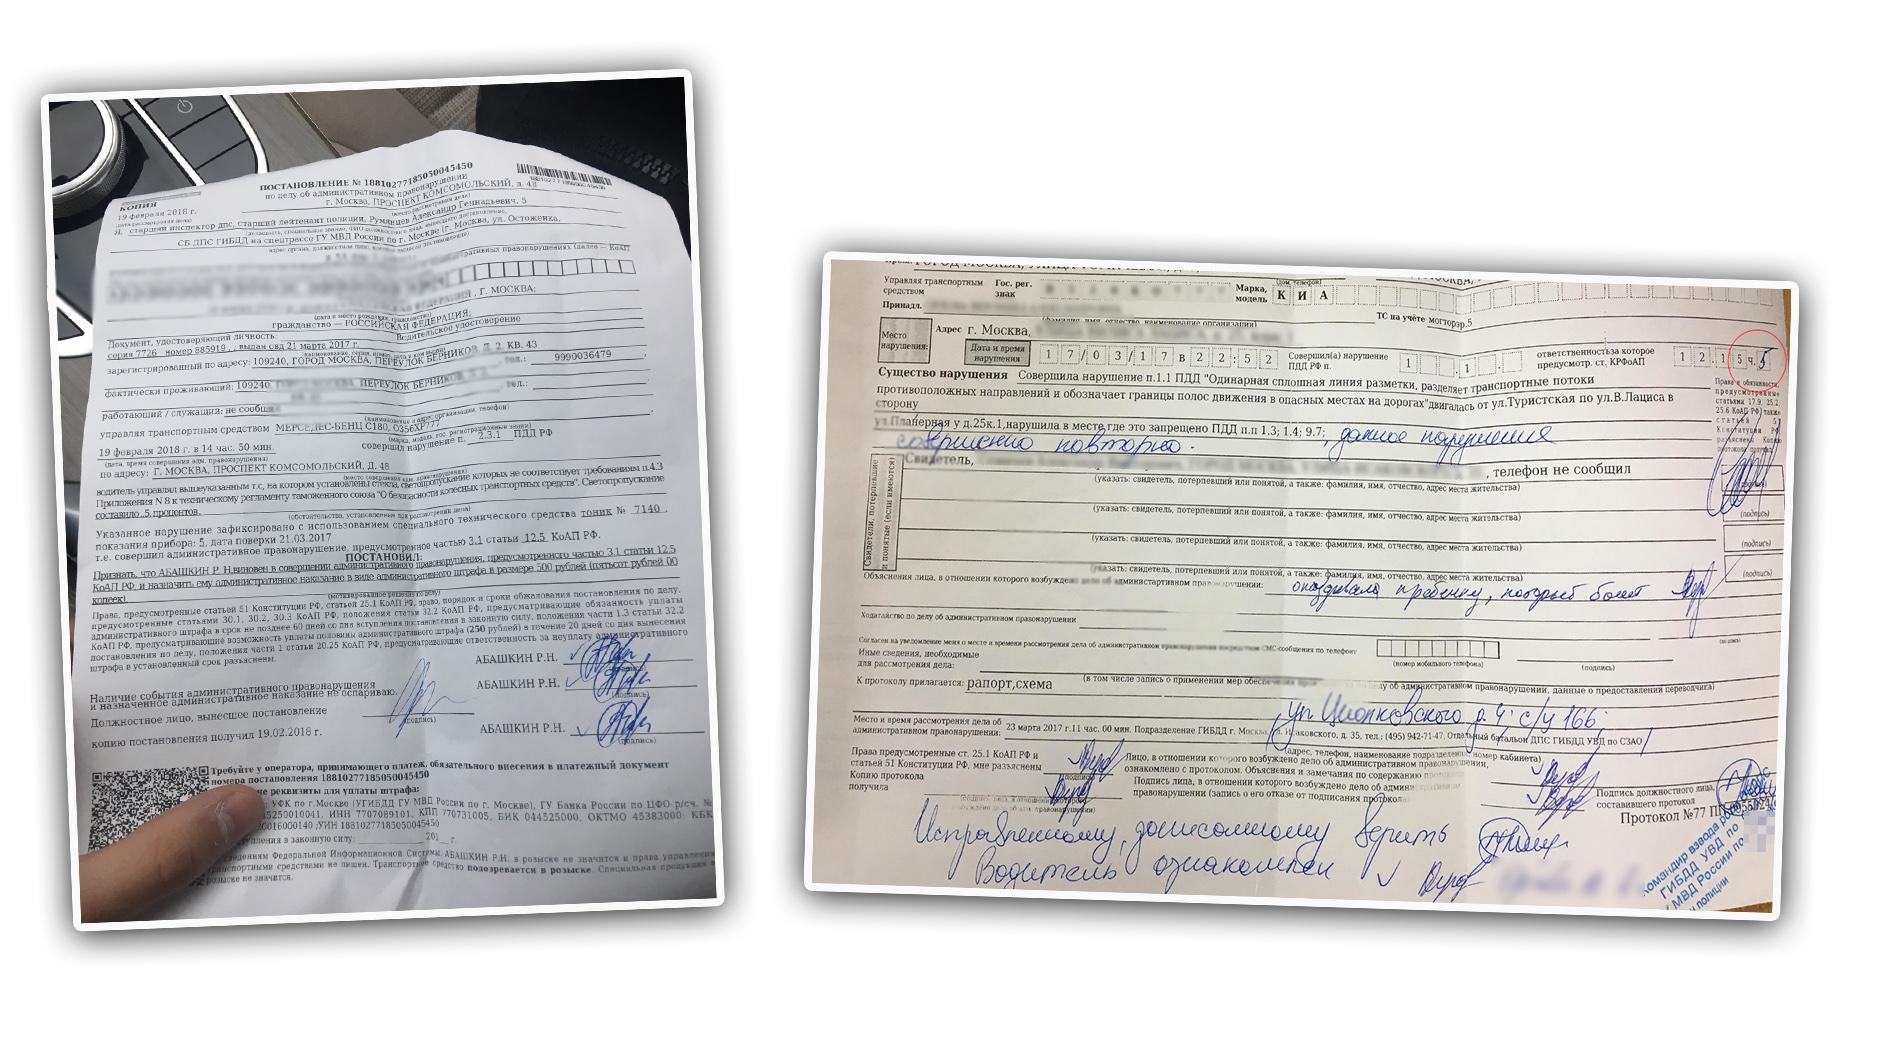 Постановление и протокол: Как полицейские разводят водителей на пешеходном переходе